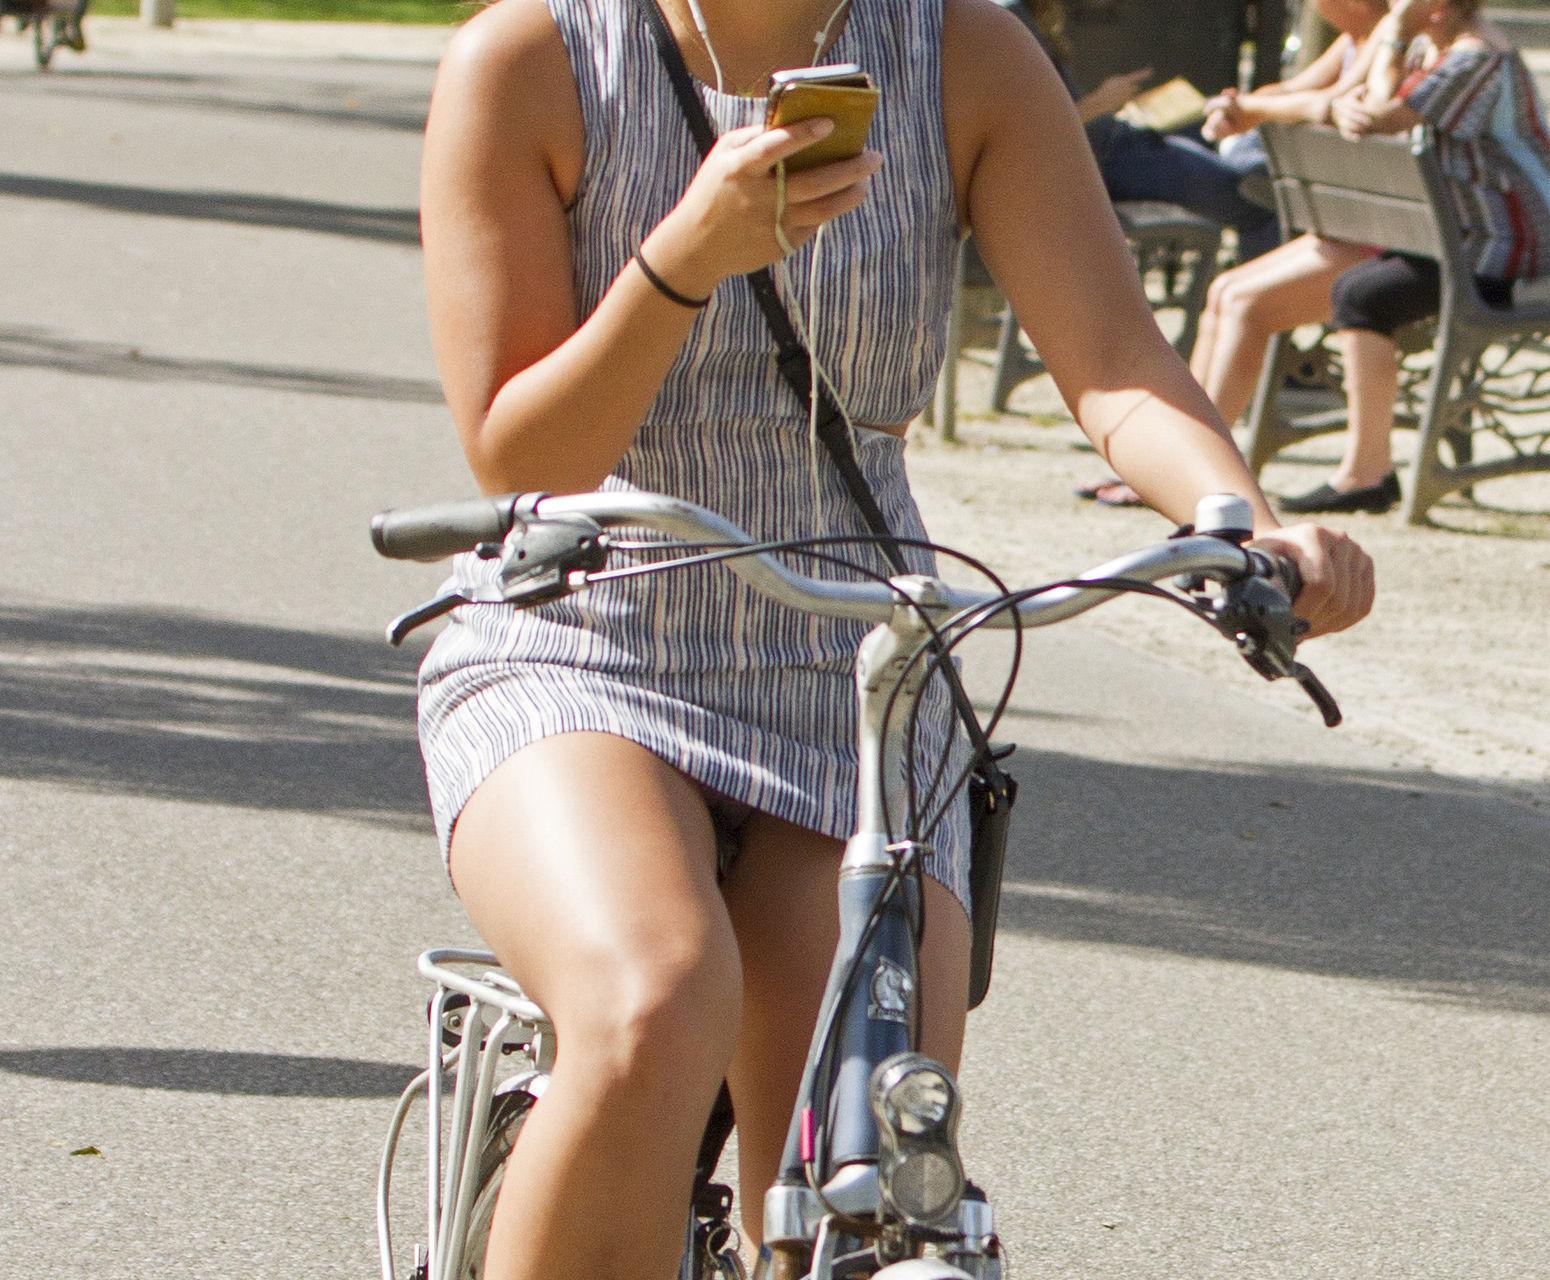 ミニスカ 外国人 自転車 パンチラ 街撮り エロ画像【13】